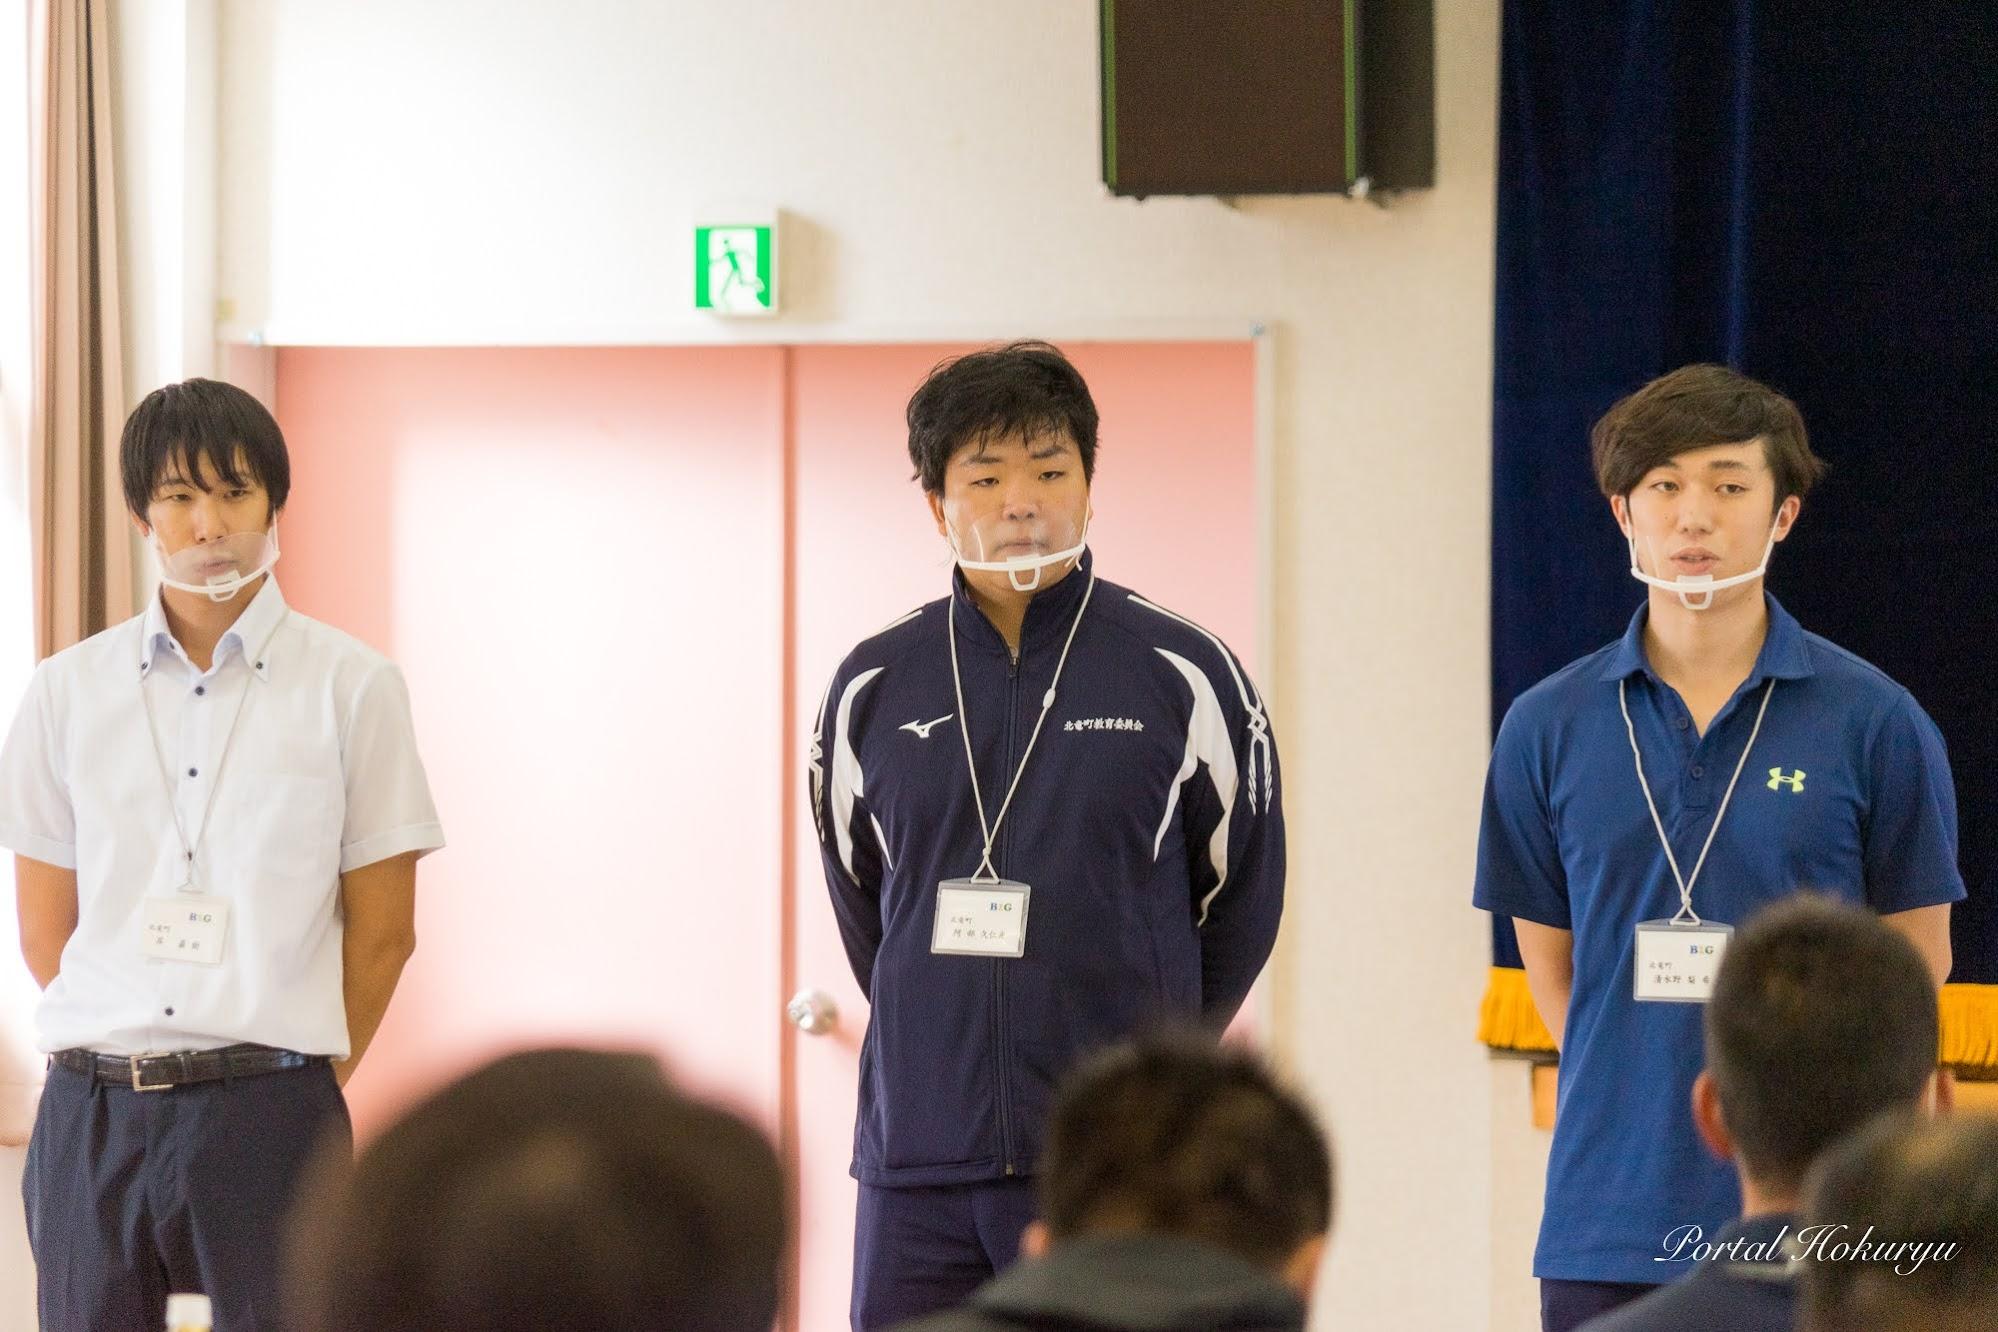 北竜町教育委員会:左より 岸直樹(主事)さん、阿部久仁光(主事)さん、清水野梨希(主事)さん